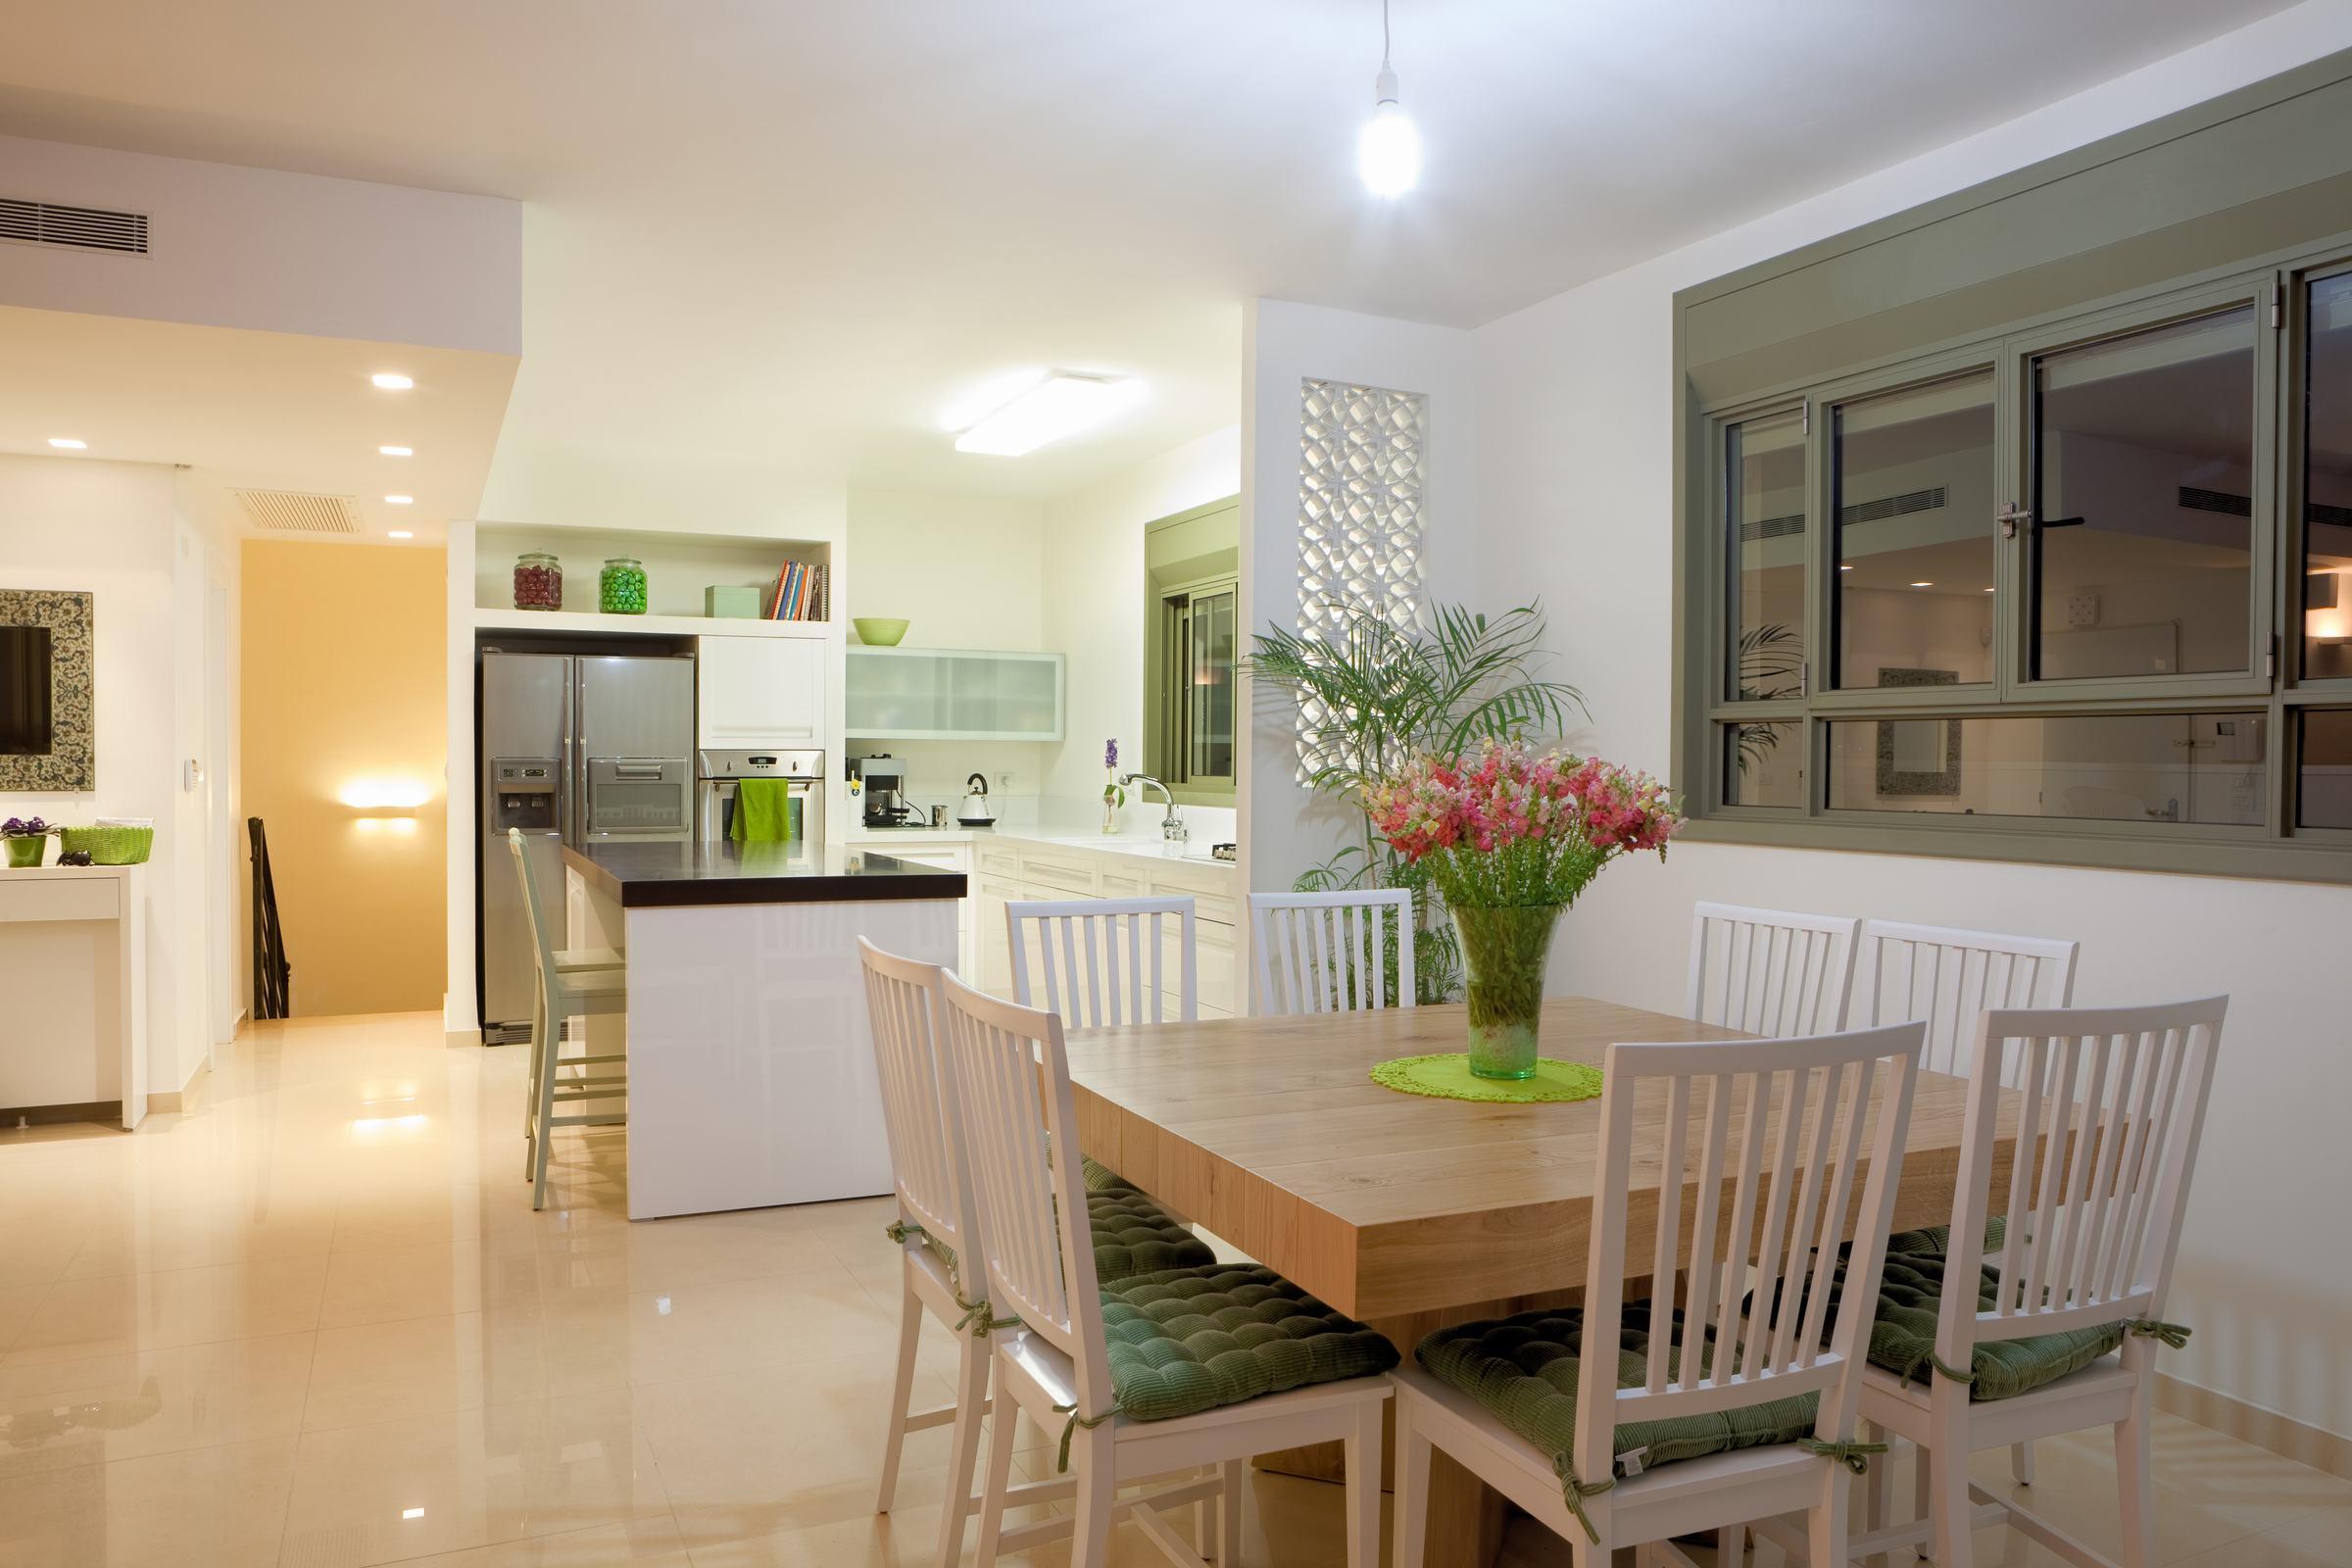 mẫu trần thạch cao cho phòng khách liền bếp đẹp 2021